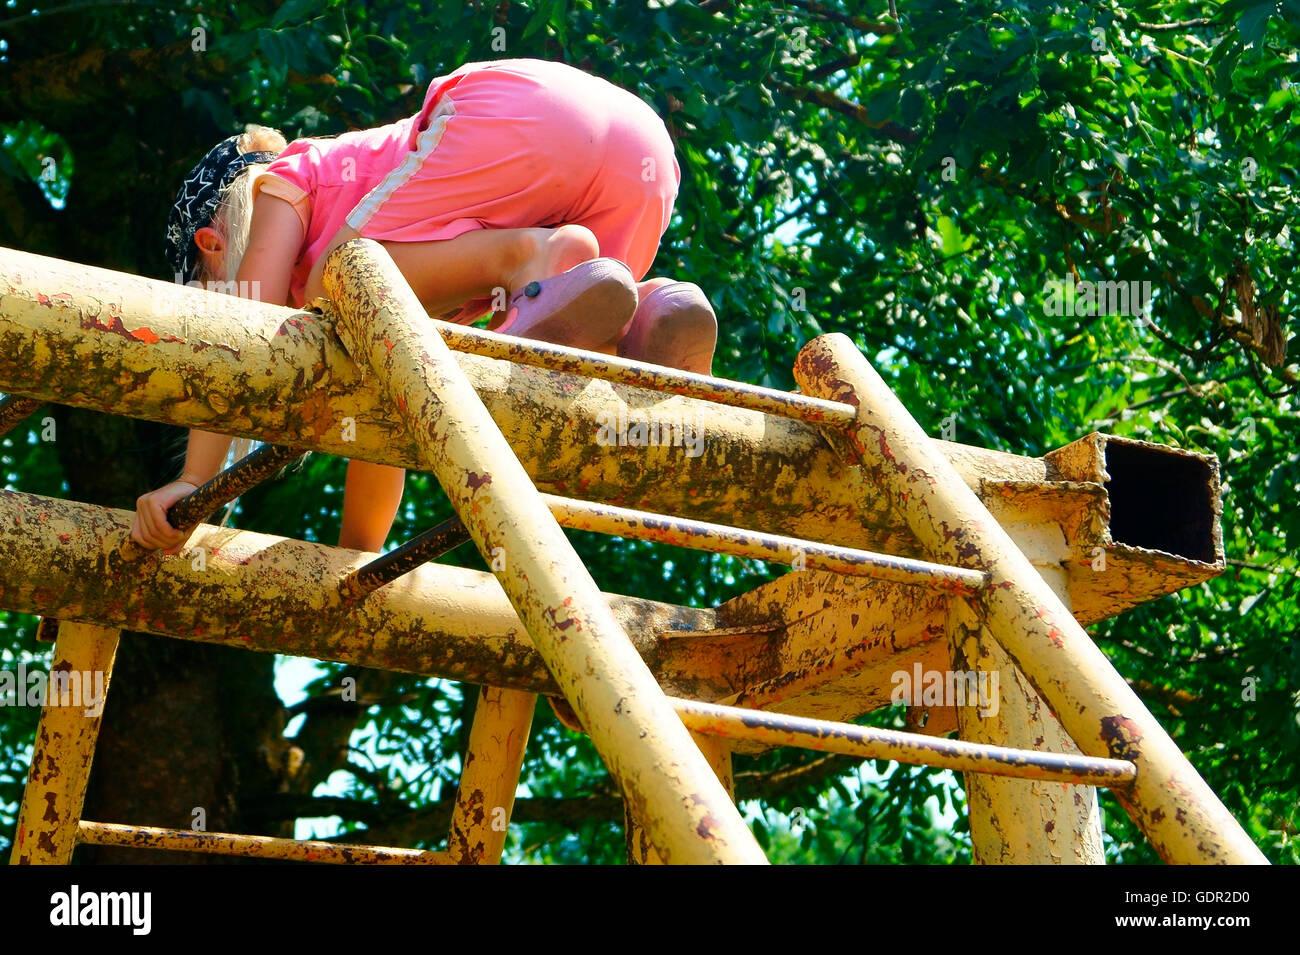 Klettergerüst Auf Englisch : Klettergerüst aus holz ziegler spielplätze